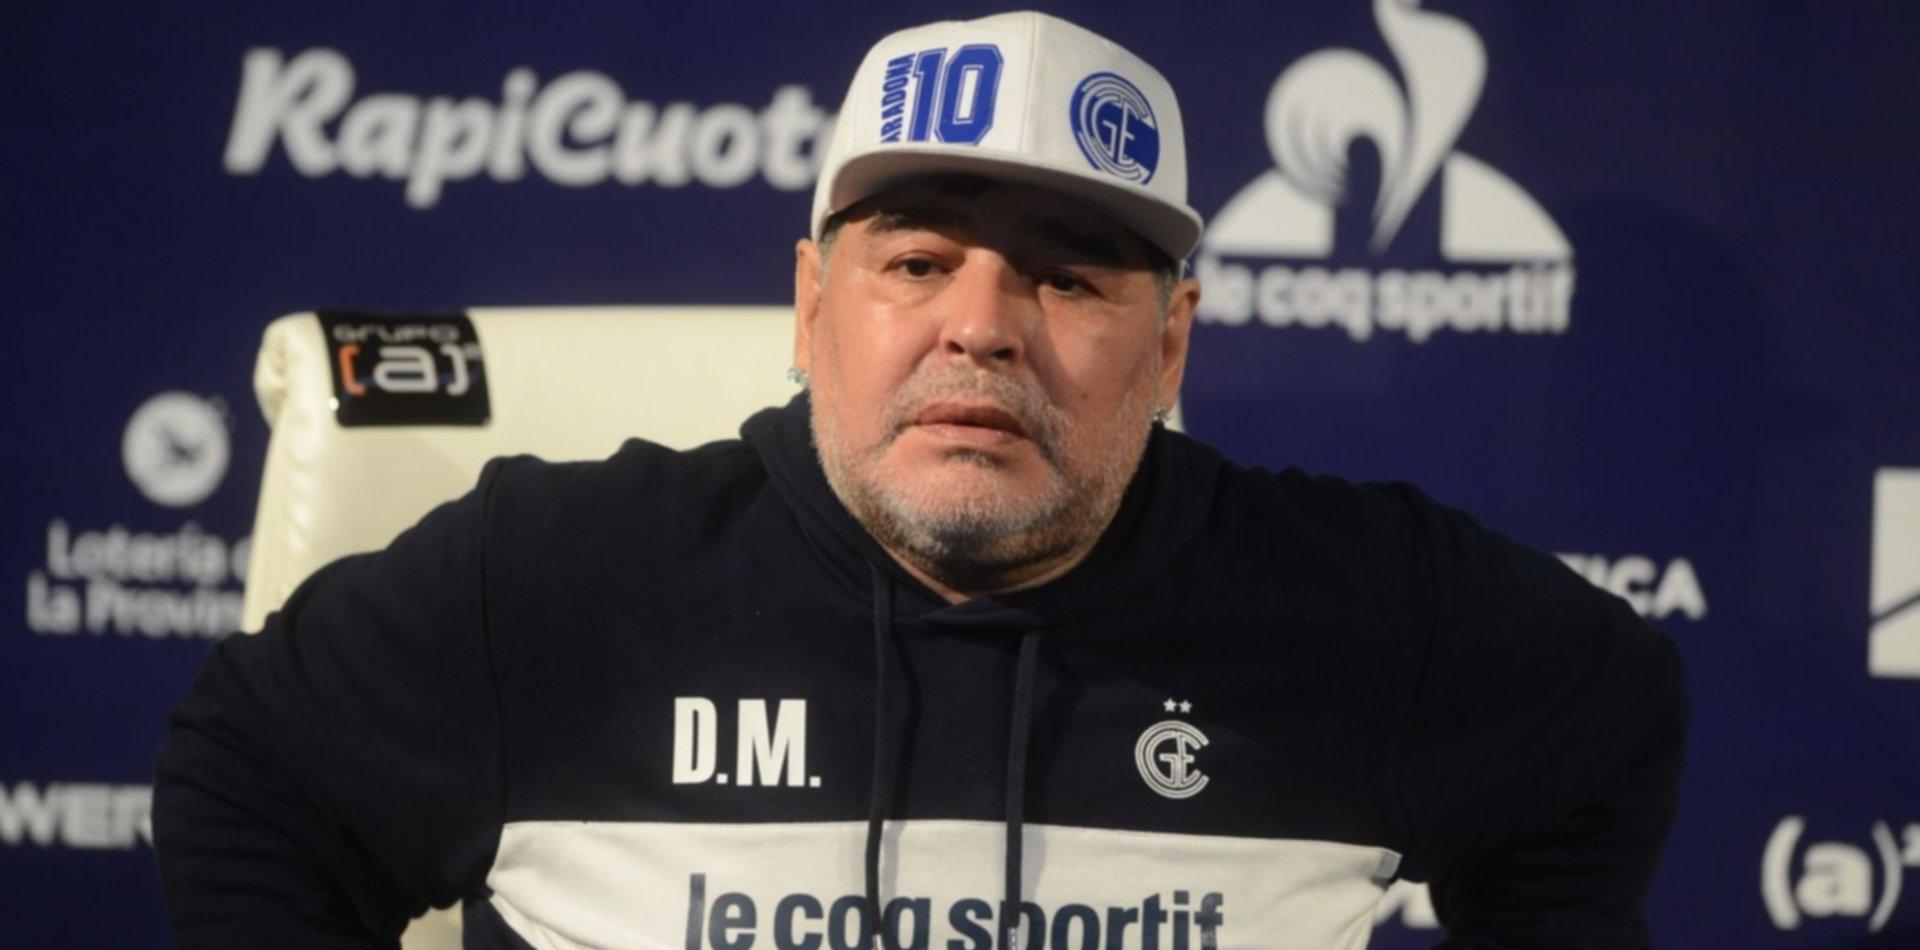 """El crudo relato de un vecino de Maradona: """"Intentaron reanimarlo, pero todo fue rápido"""""""